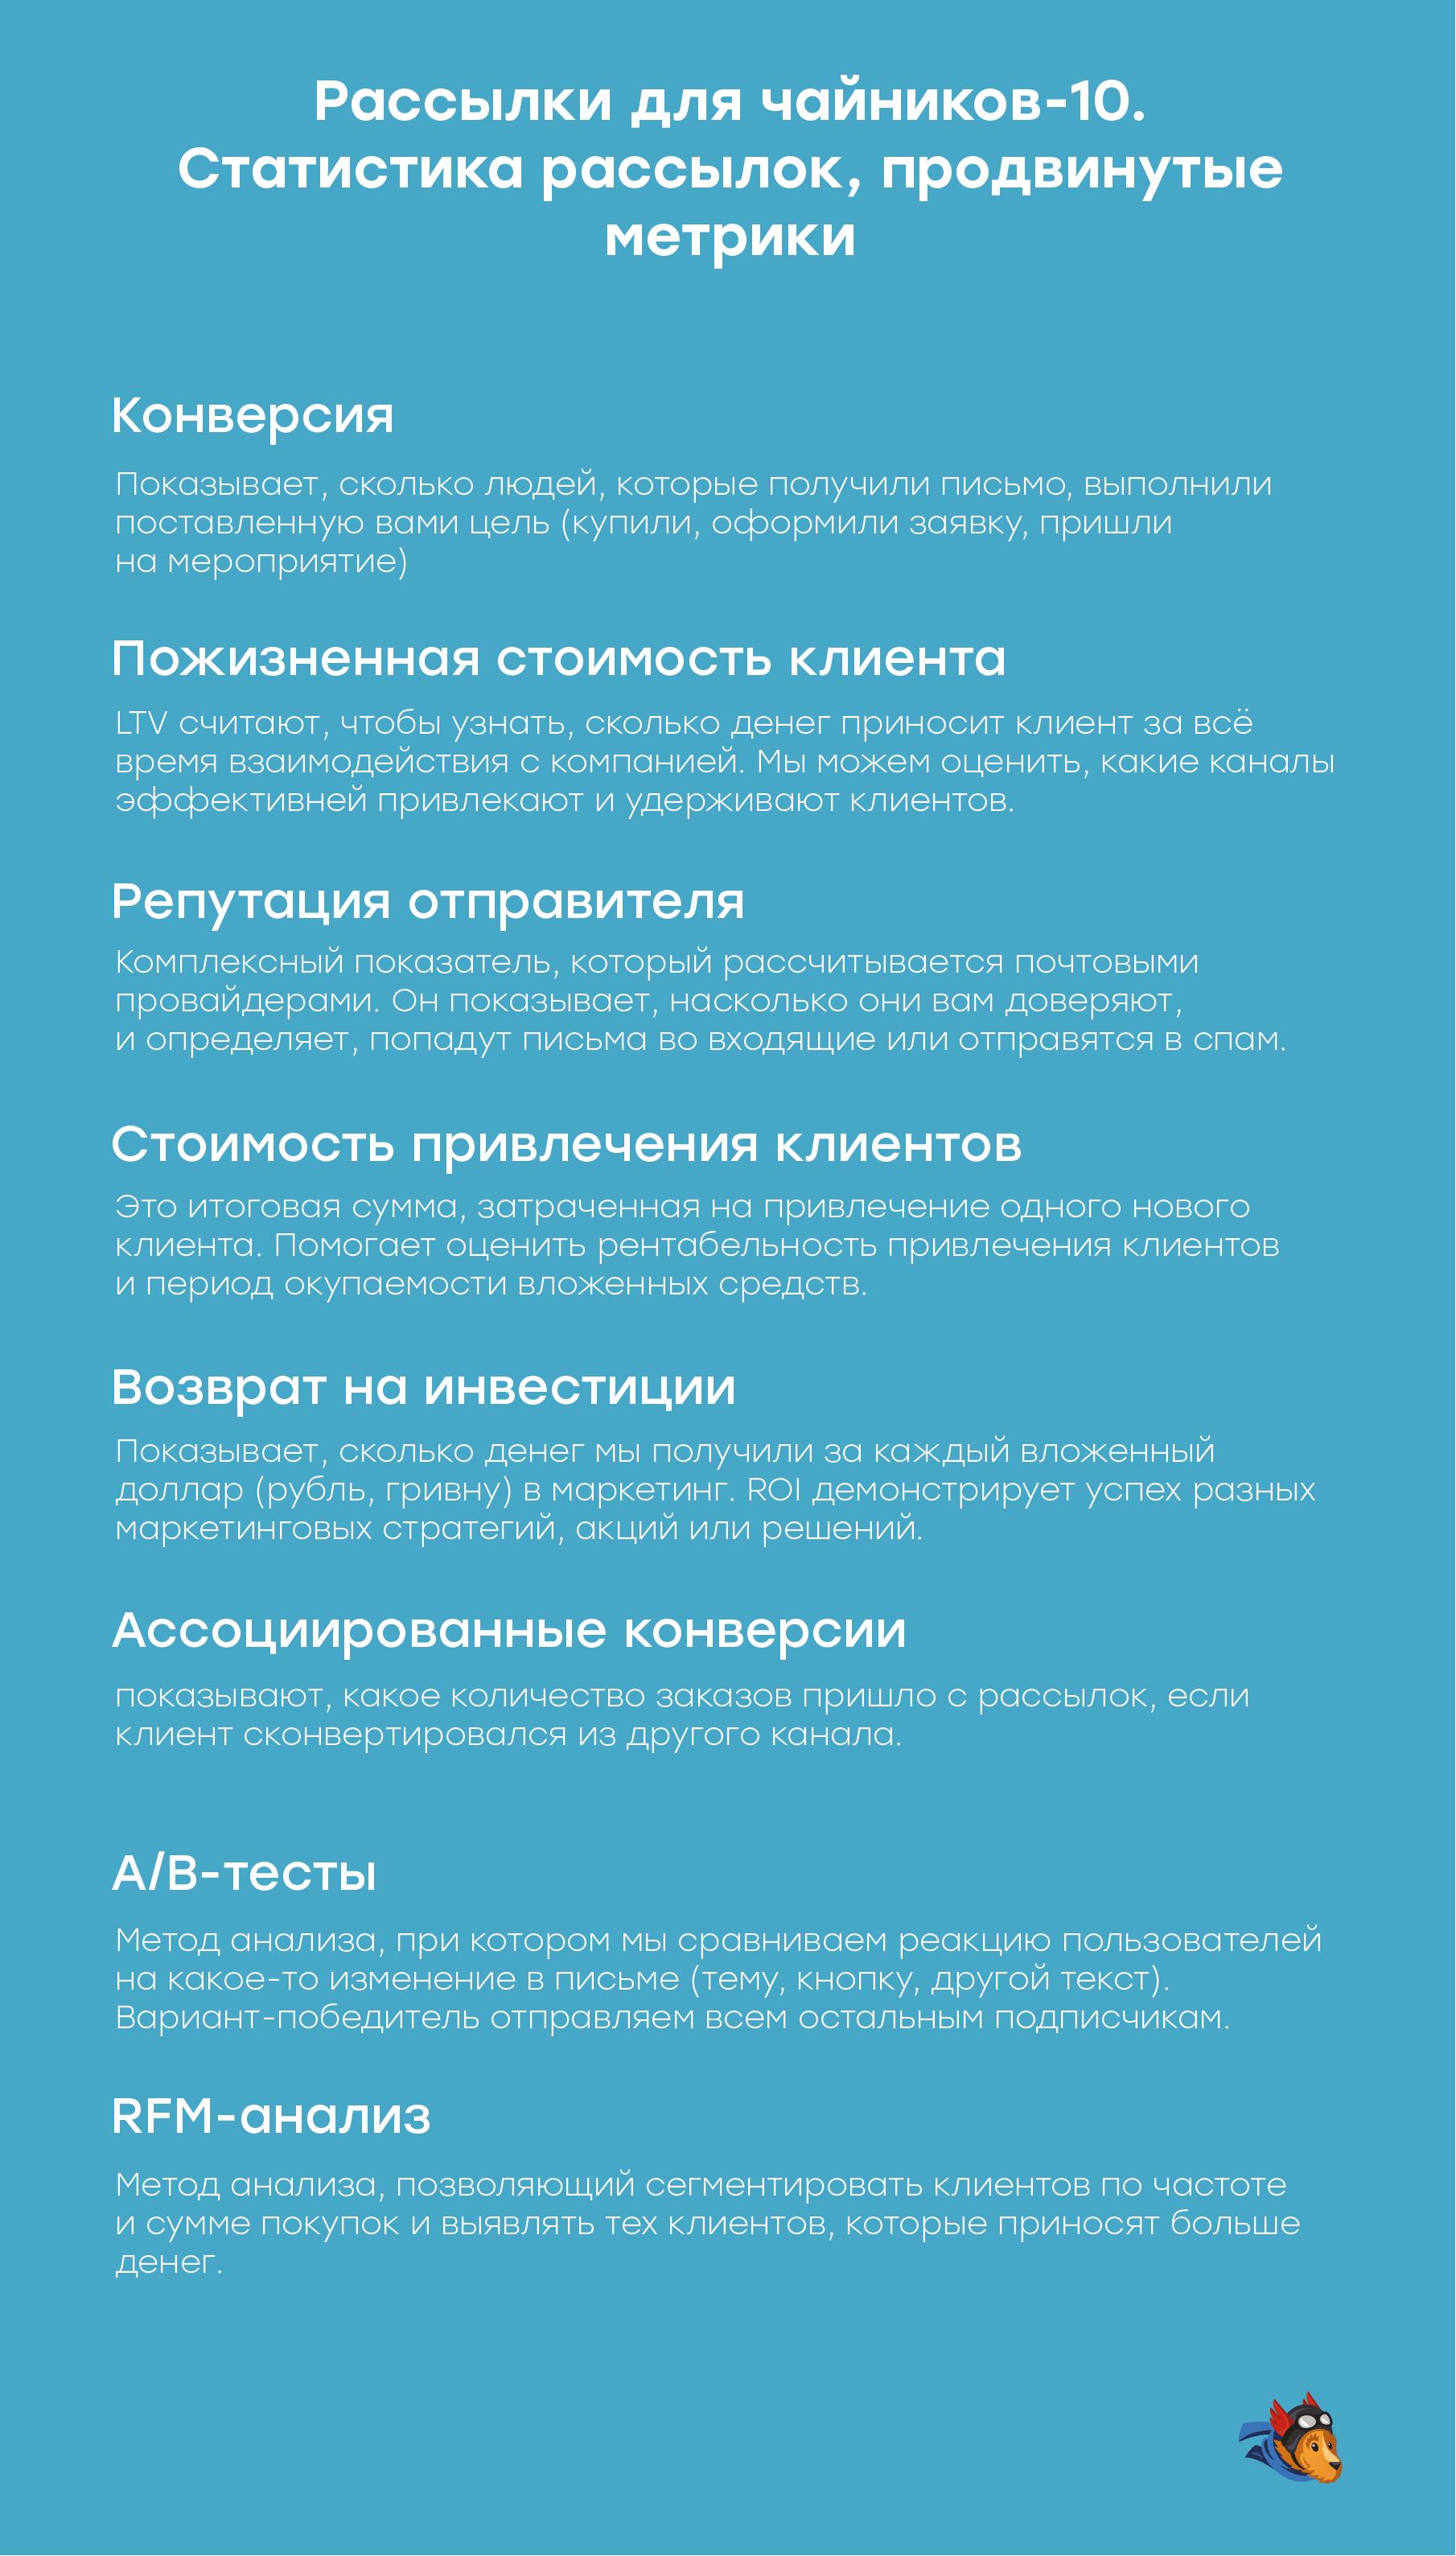 рдч-10, чеклист